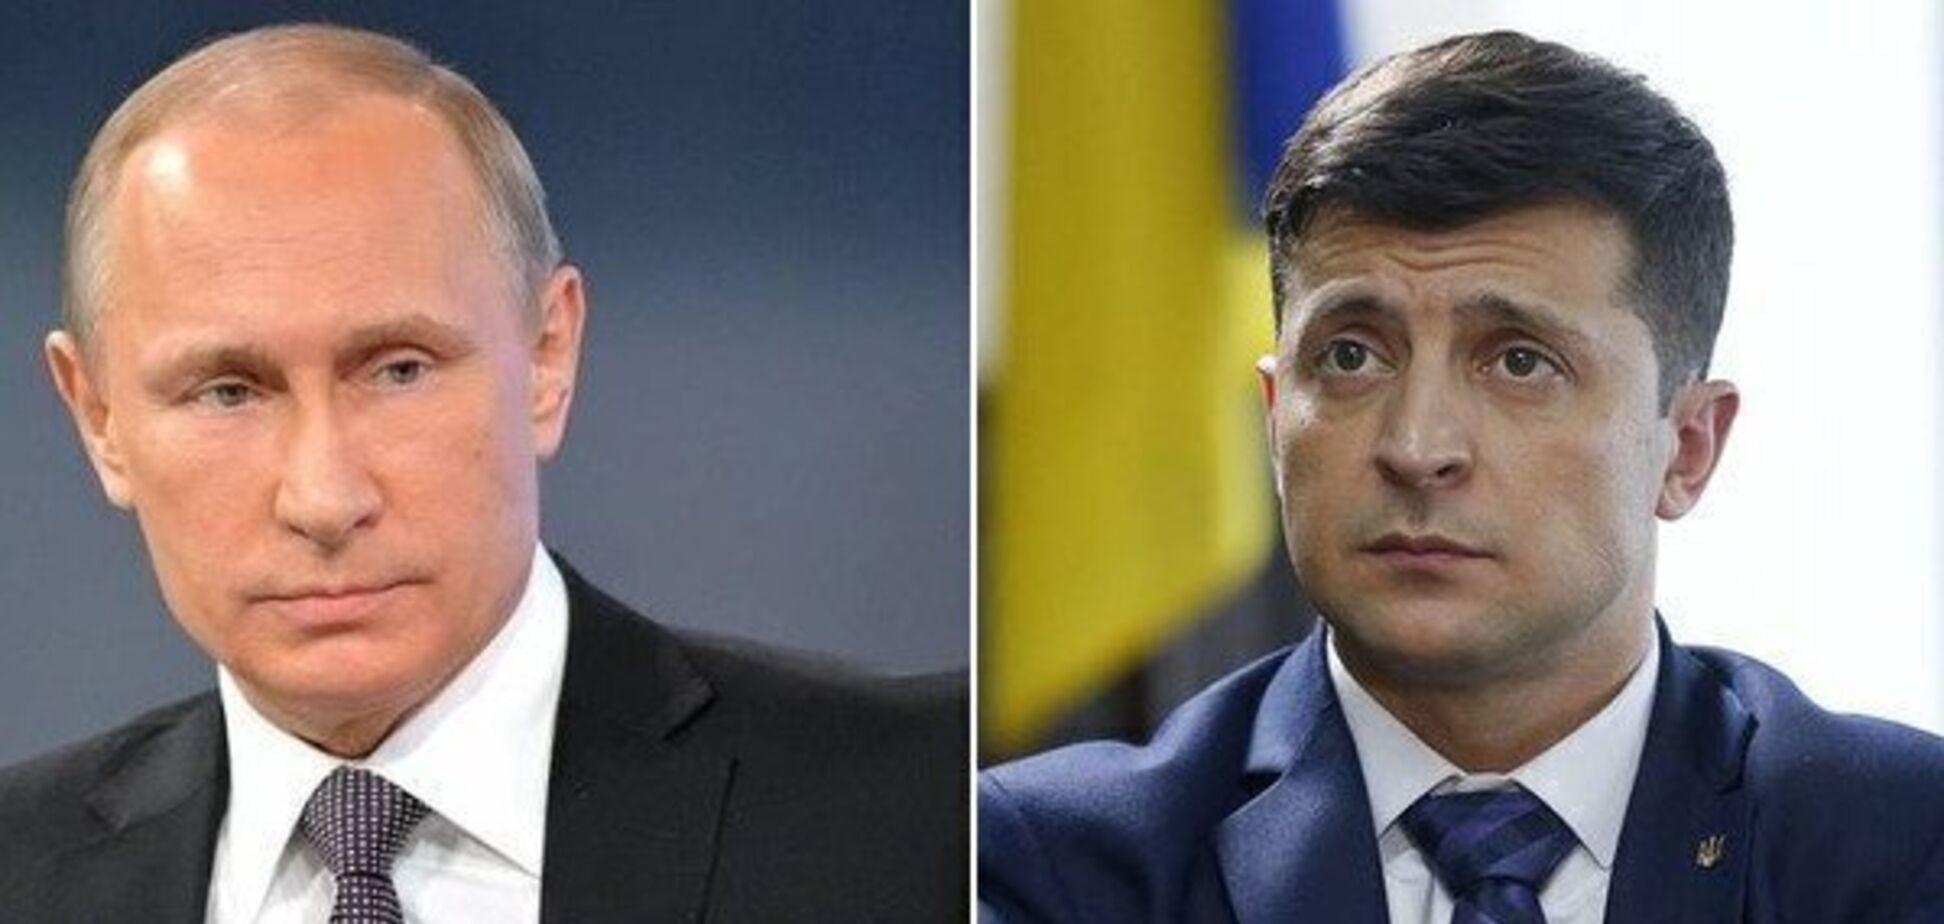 'Говорить нечего!' У Путина дерзко ответили на заявление Зеленского о Крыме и Донбассе